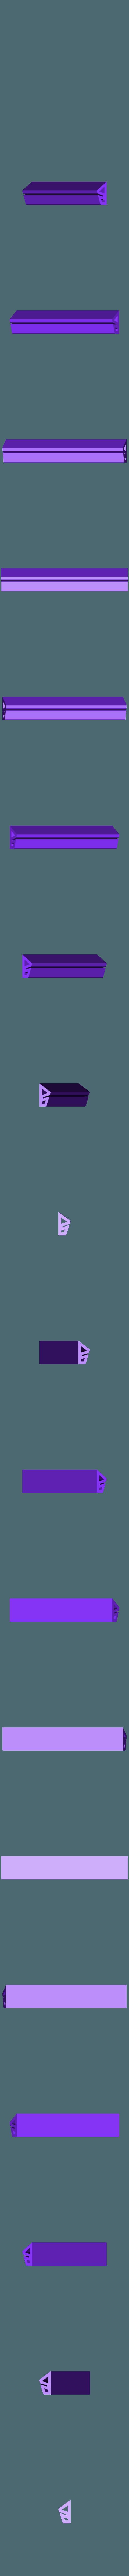 card_holder_15cm.stl Télécharger fichier STL gratuit Porte-cartes • Plan pour imprimante 3D, Palasestia